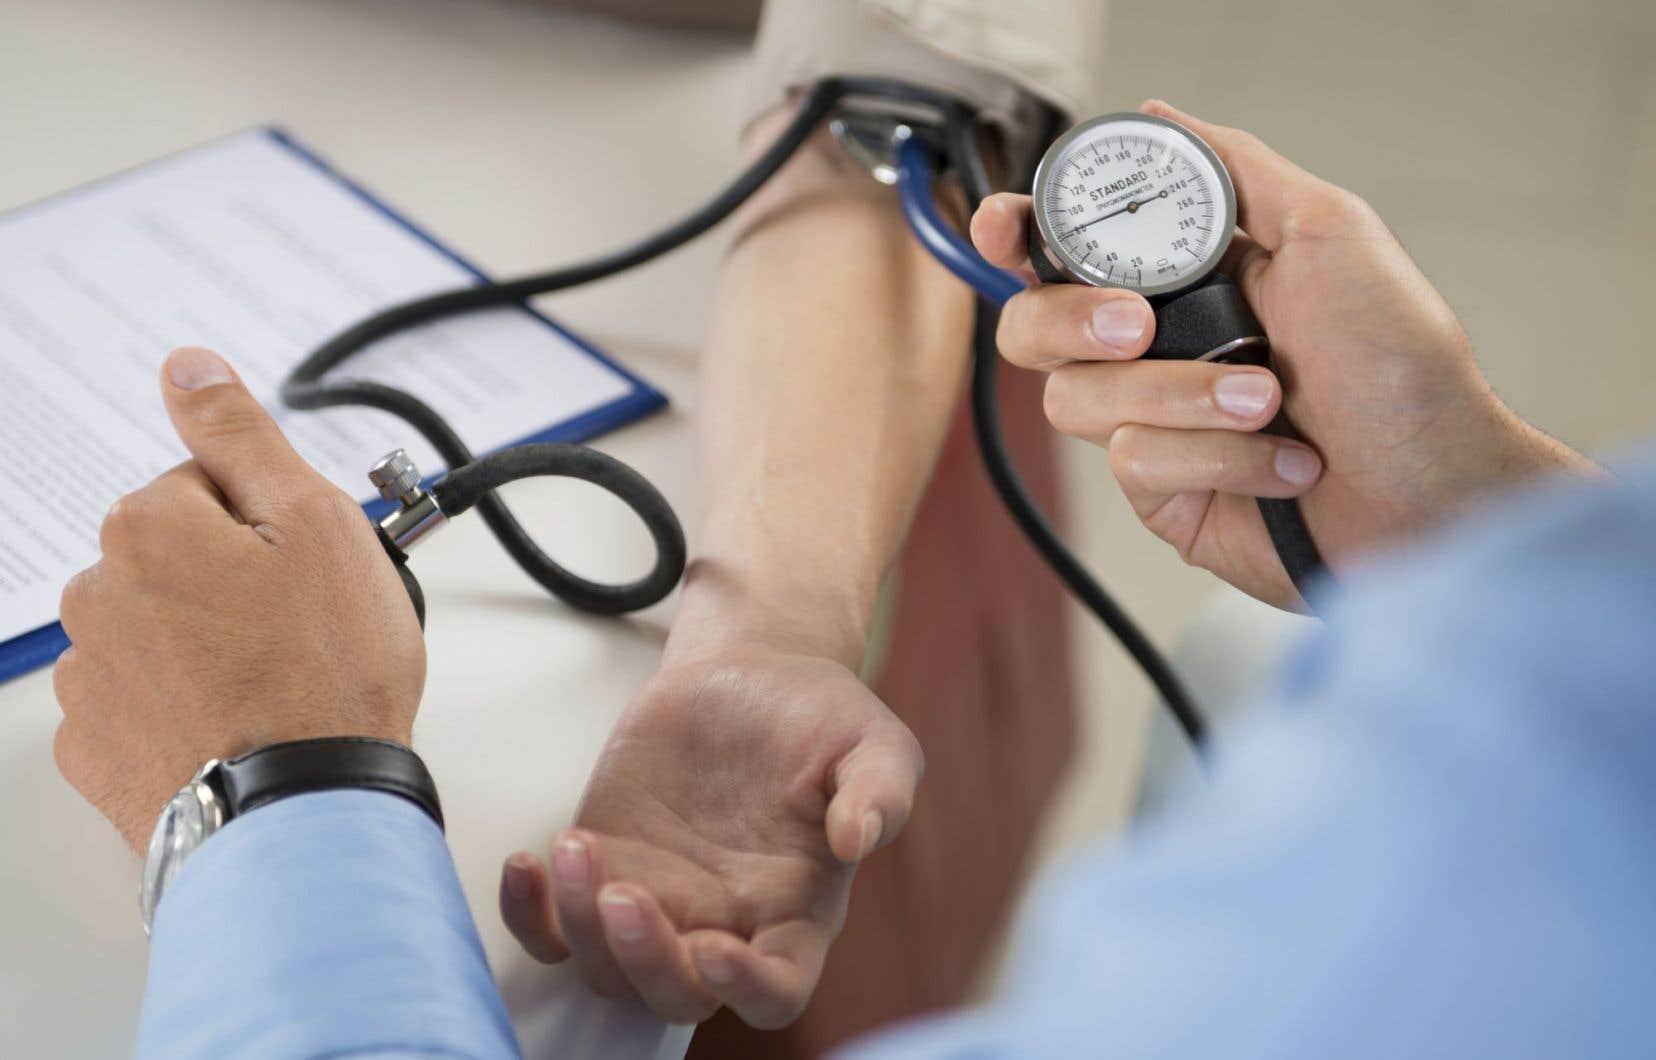 Les statistiques démontrent que 20 % de la population canadienne souffre d'hypertension.